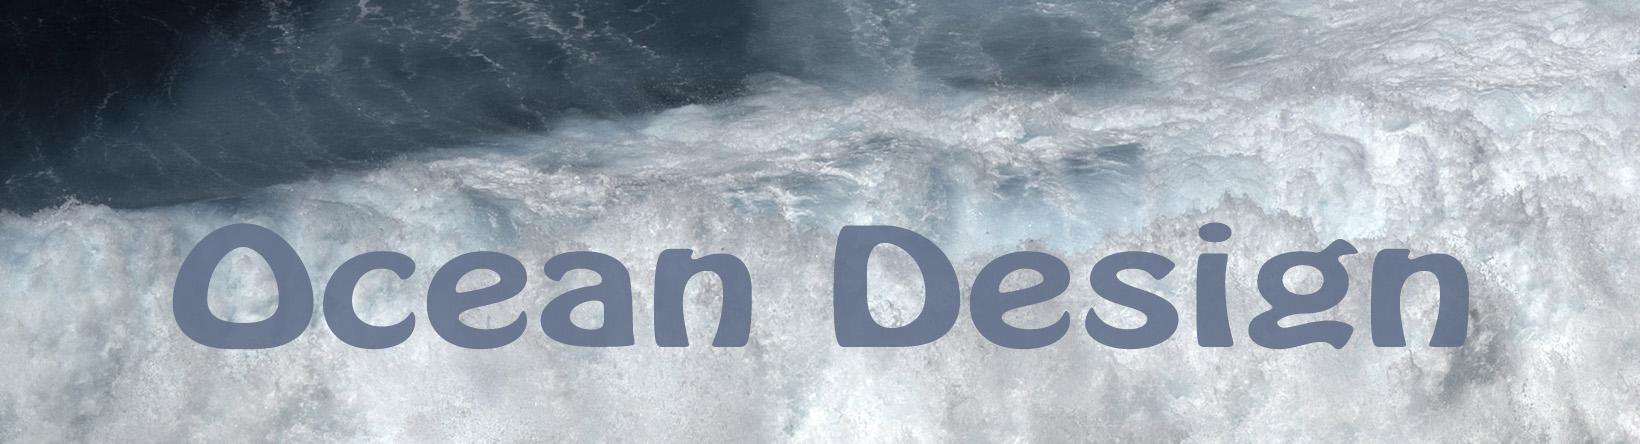 Ocean-design